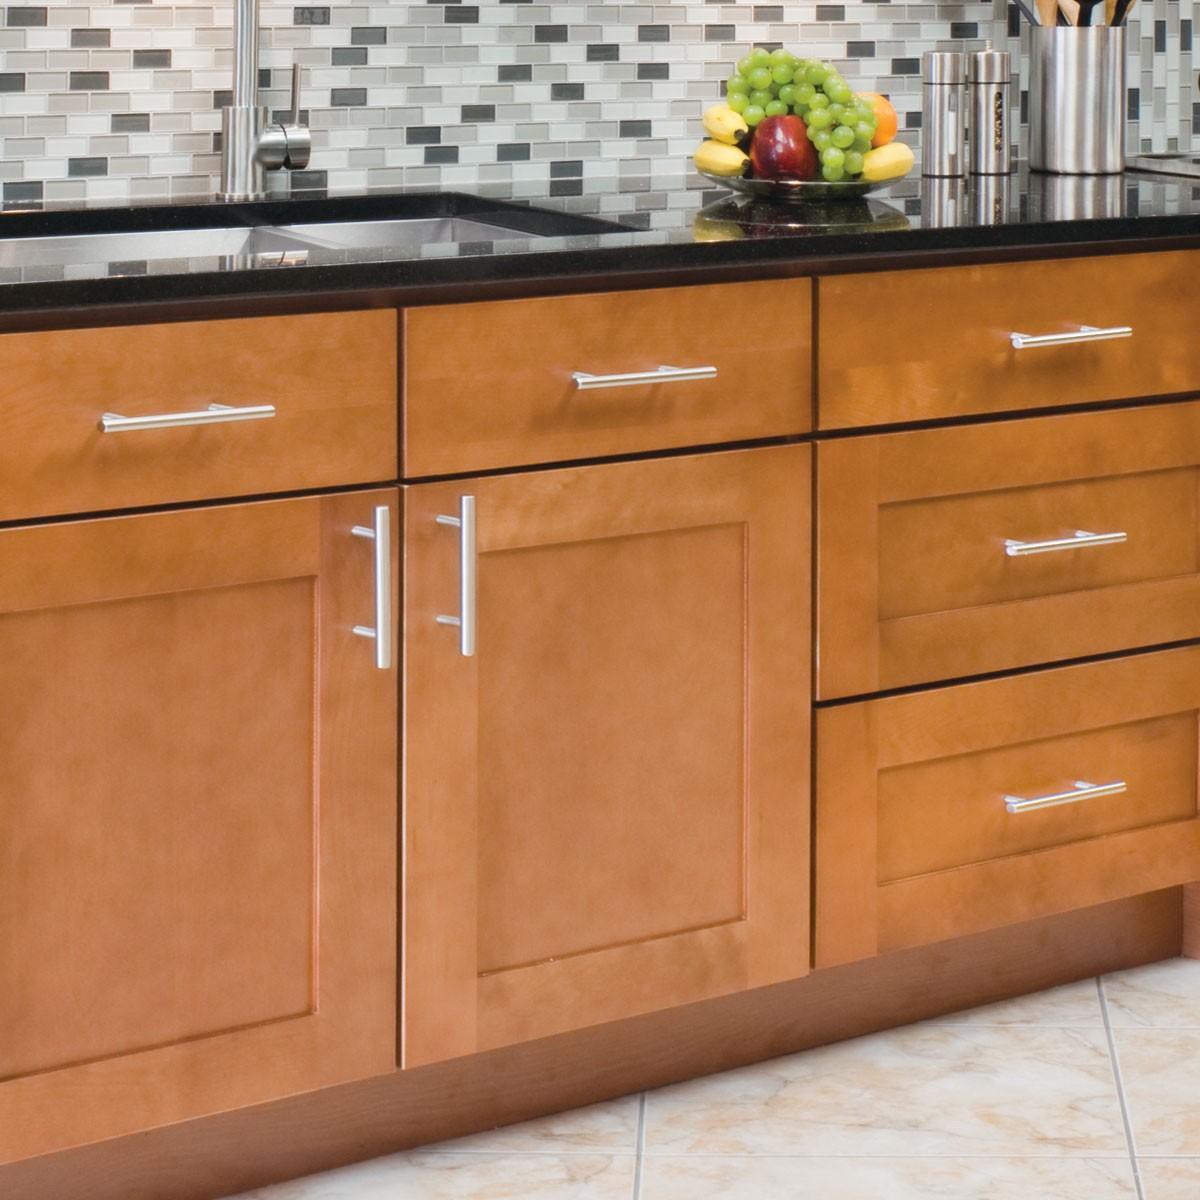 door knobs for kitchen cupboards photo - 11